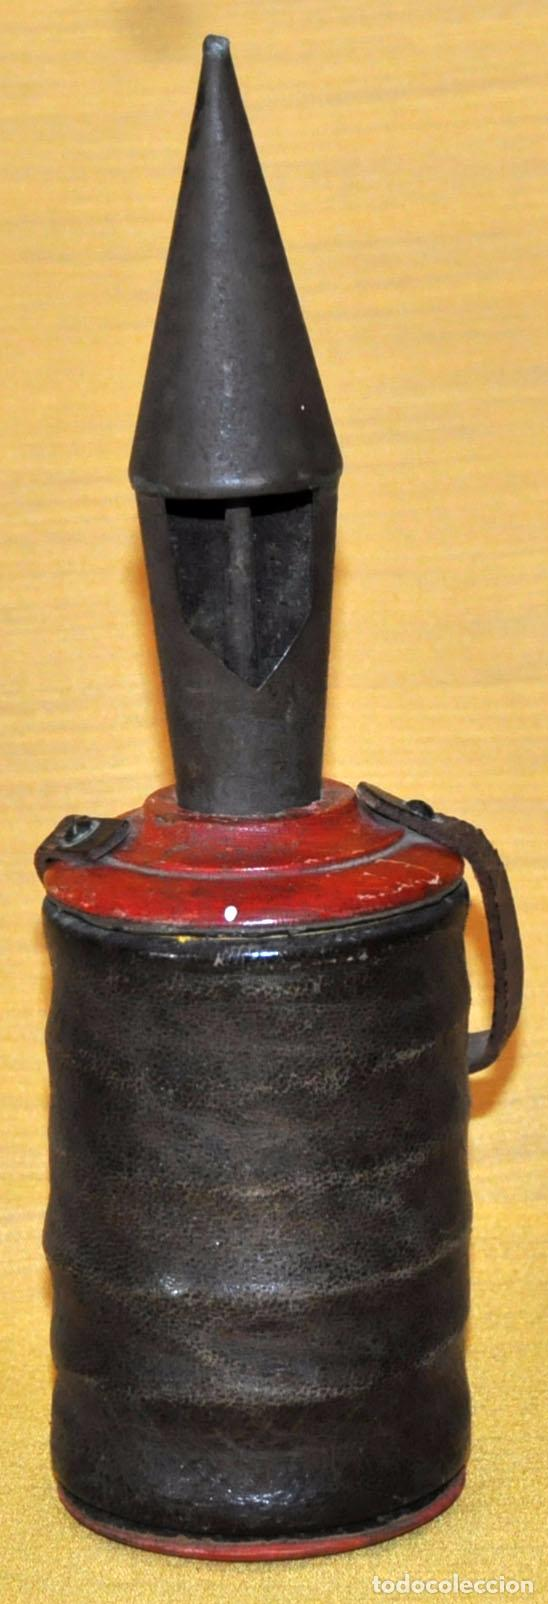 Antigüedades: ANTIGUO RECLAMA PERDICES EN HIERRO, MADERA Y FUELLE RECUBIERTO EN PIEL - Foto 2 - 74947731